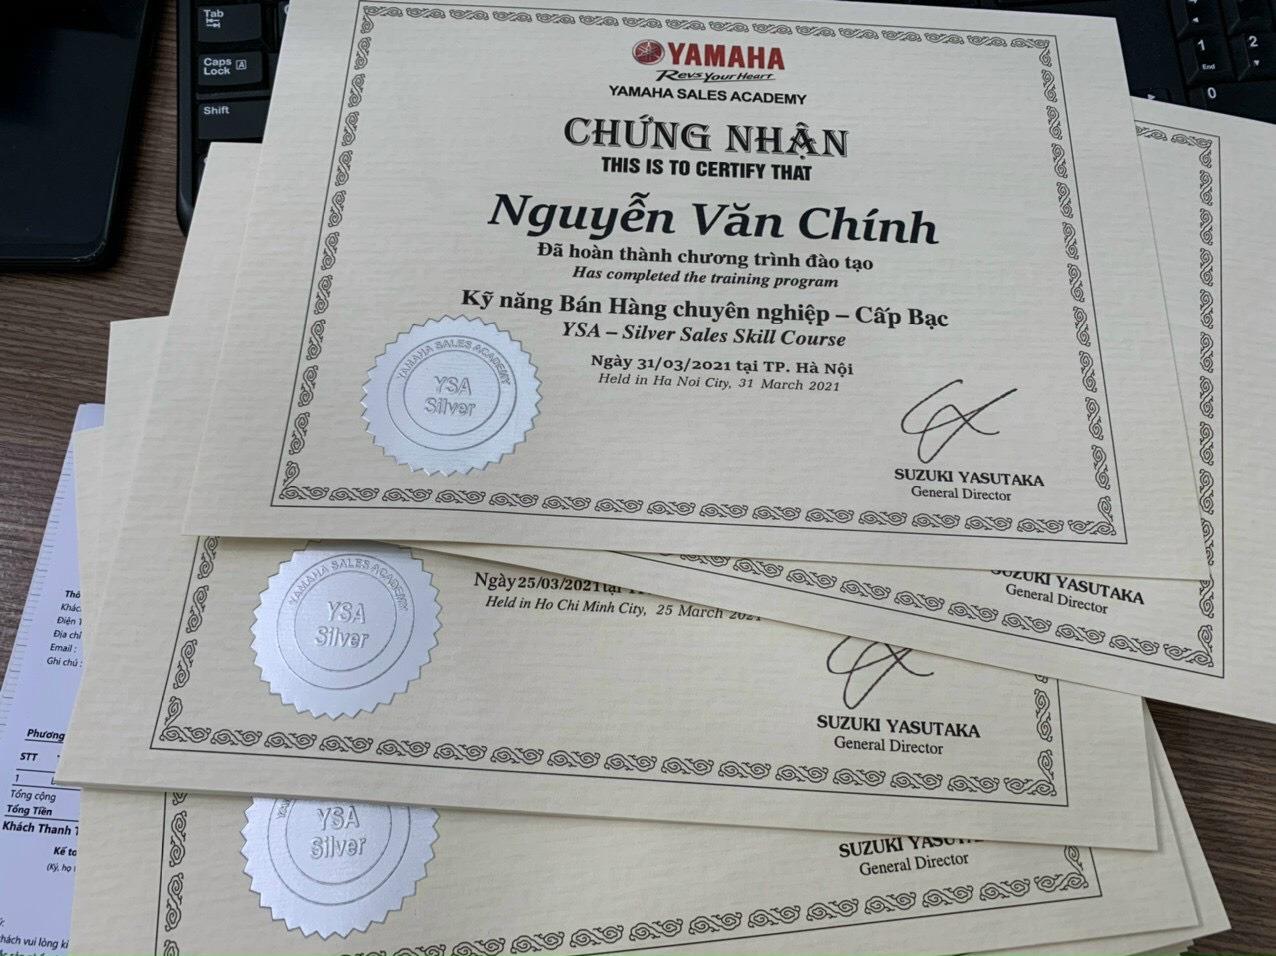 In giấy chứng nhận giá rẻ, mẫu giấy chứng nhận đẹp